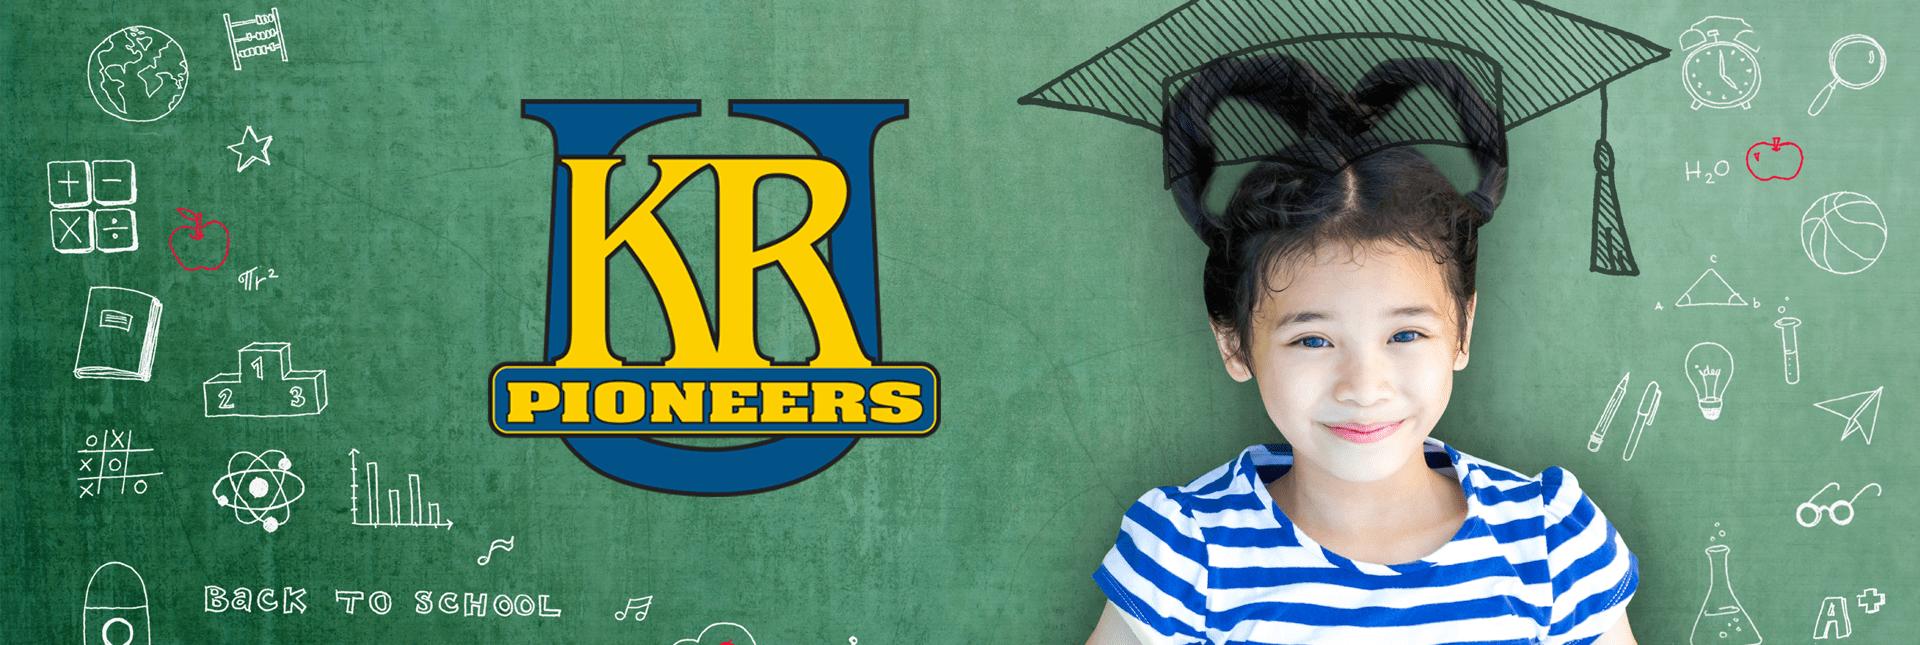 KR Pioneers